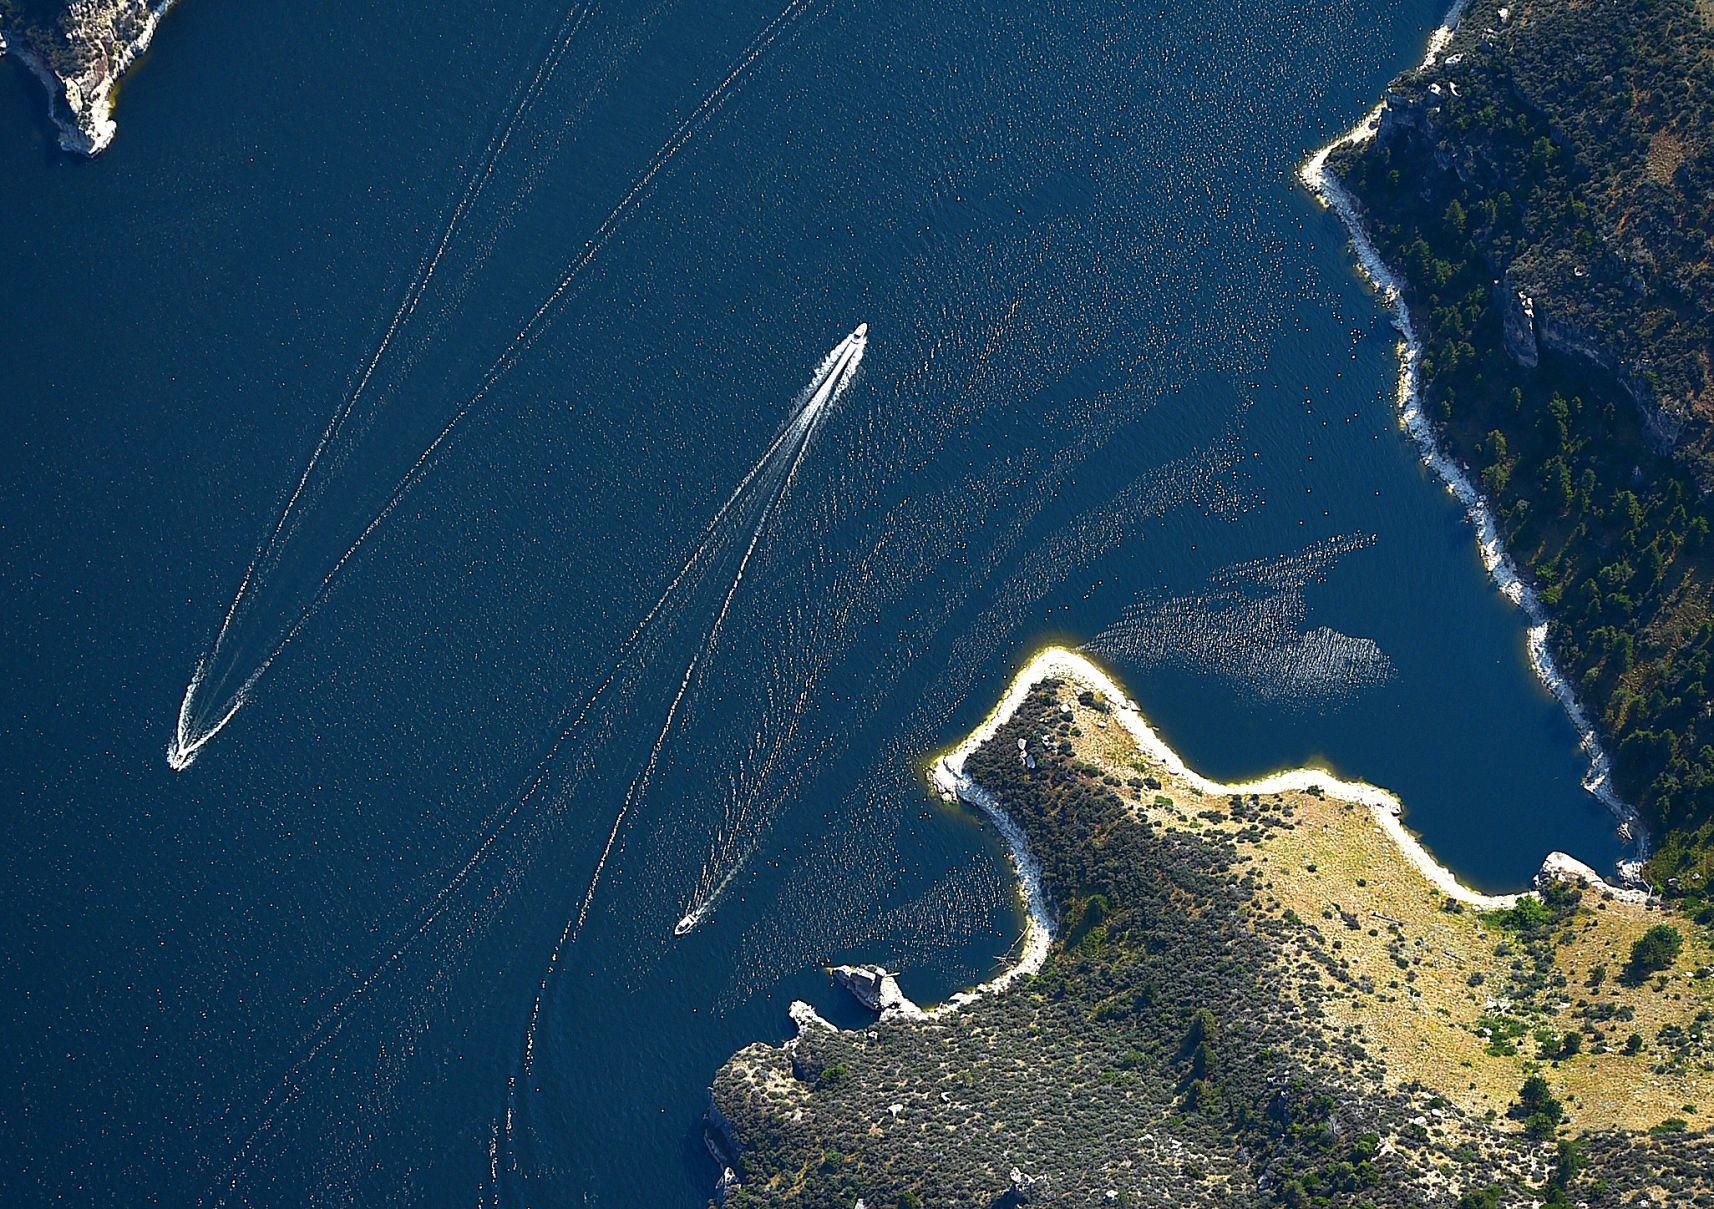 Billings woman killed, 2 men missing after boating accident on Bighorn Lake   Billings Gazette